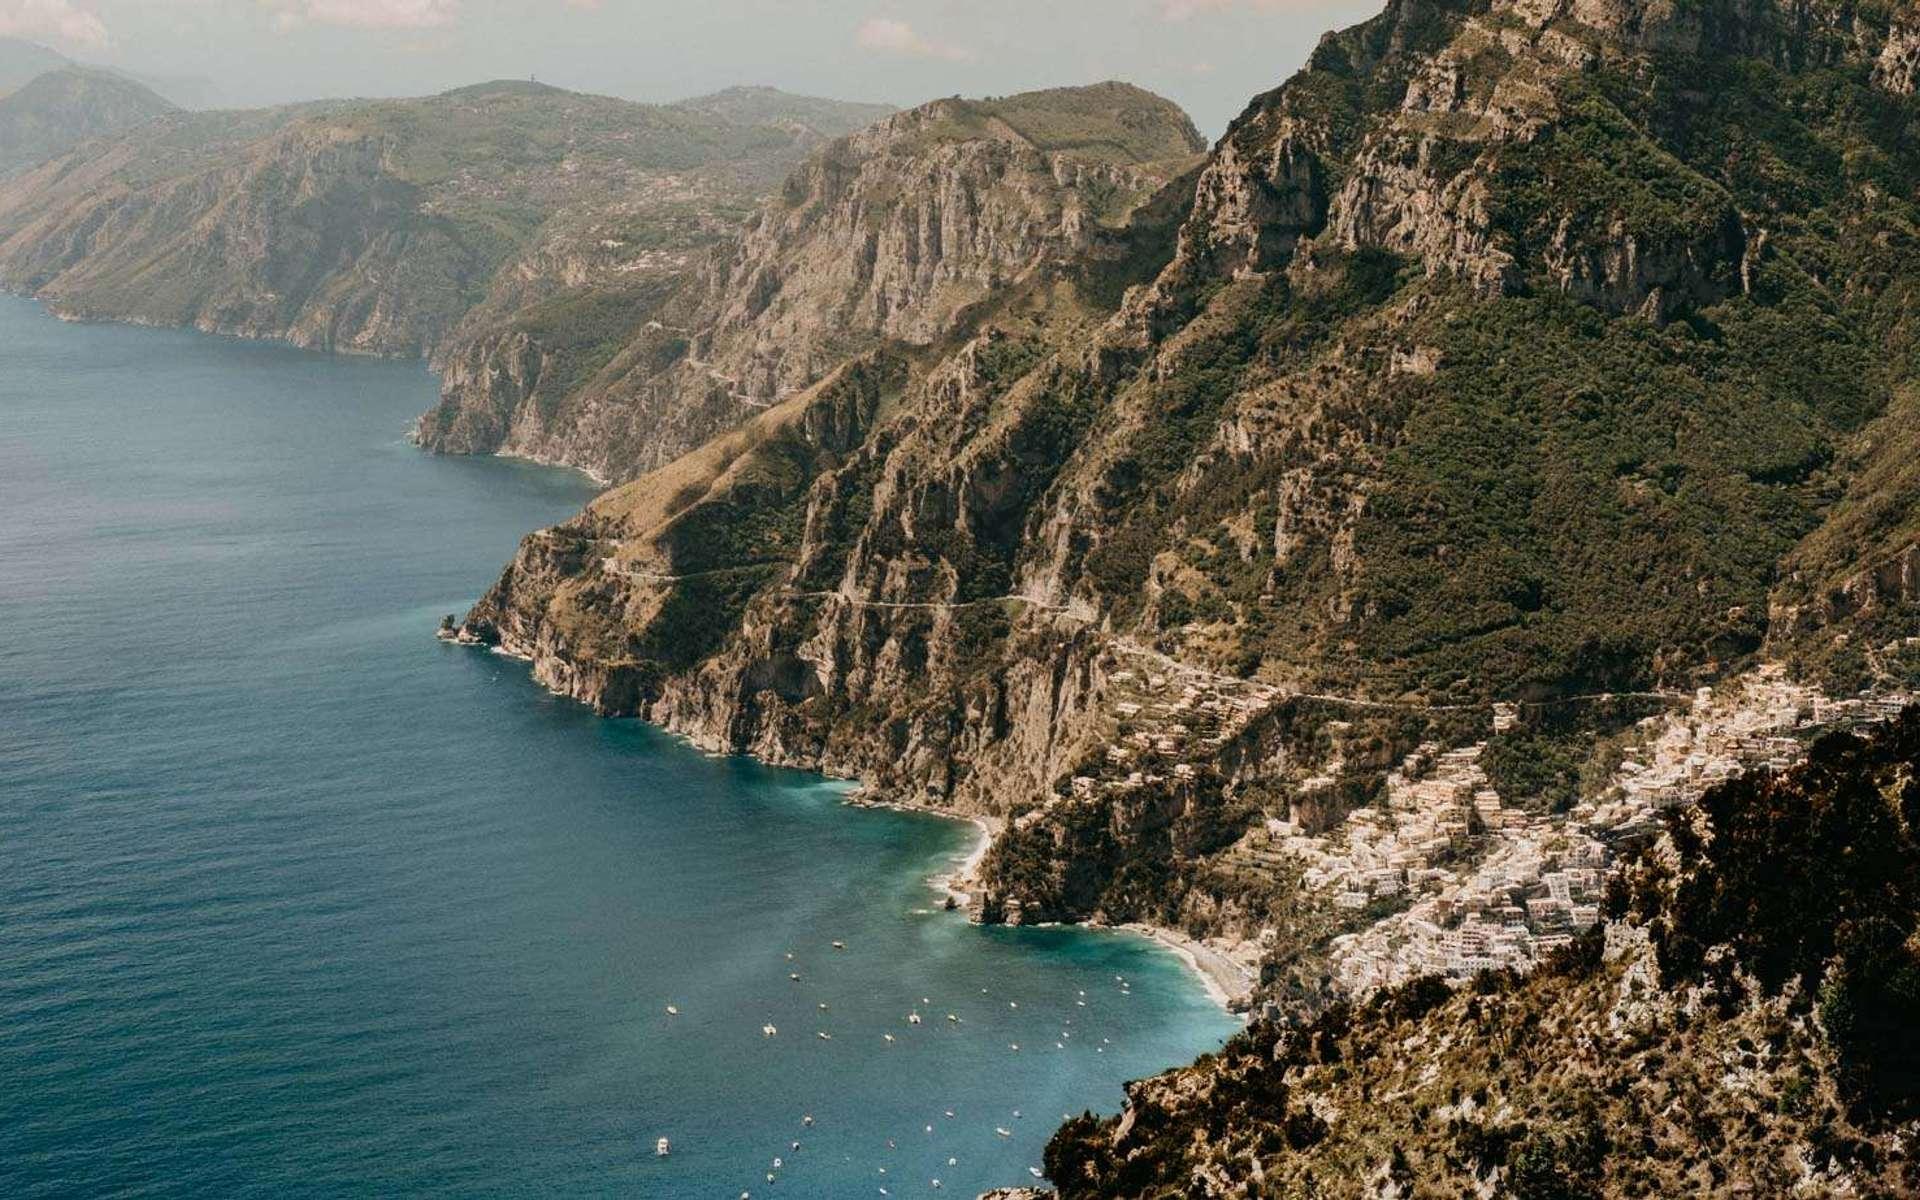 Amalfi Coast is our home